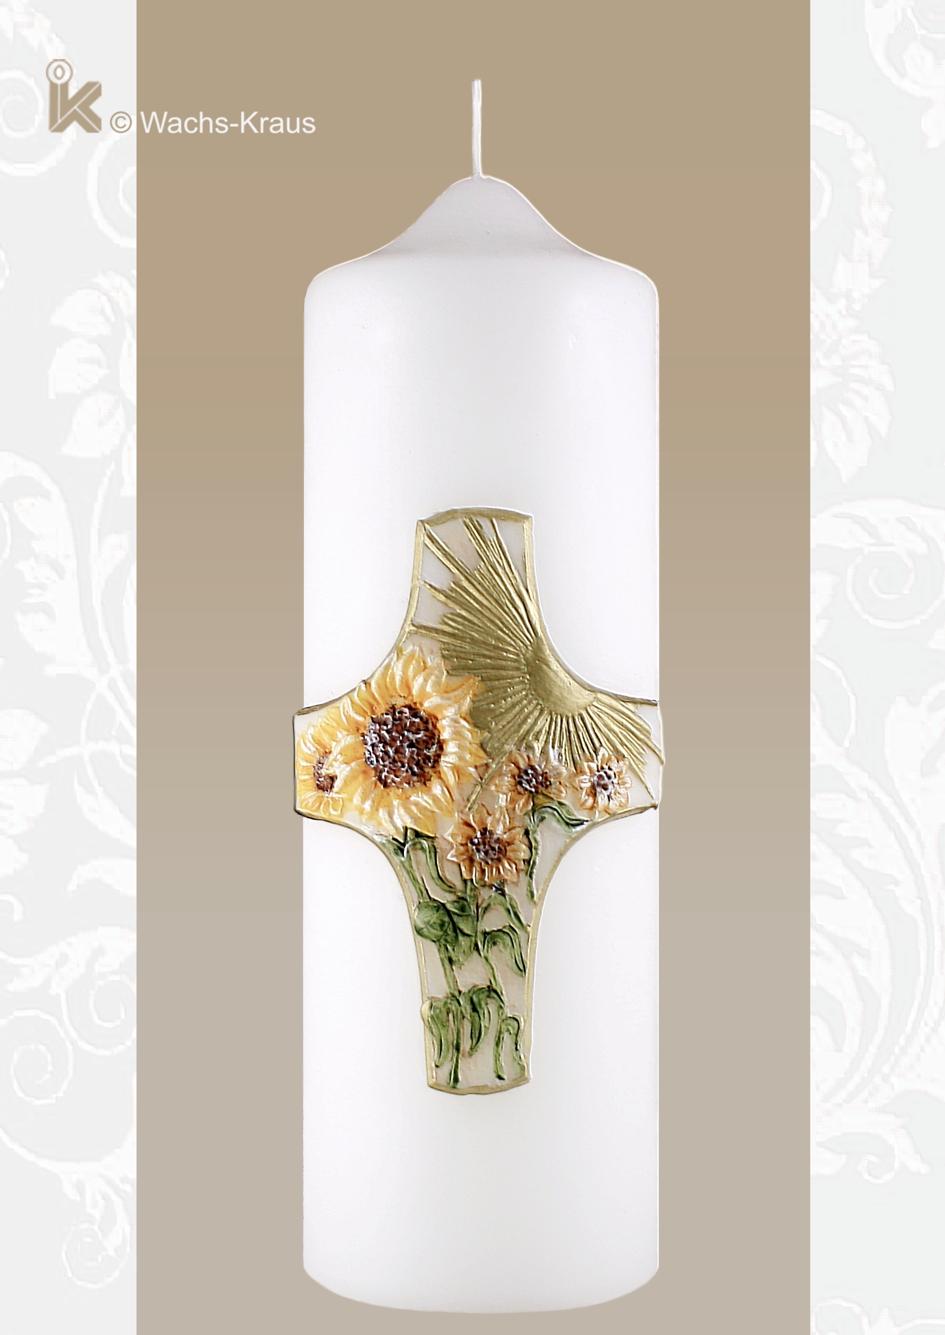 Geschmackvoll gestaltete Geschenk / Jubiläumskerze mit Sonne und Sonnenblumen. Zahl passend auswählen = Art. Nr. 0101